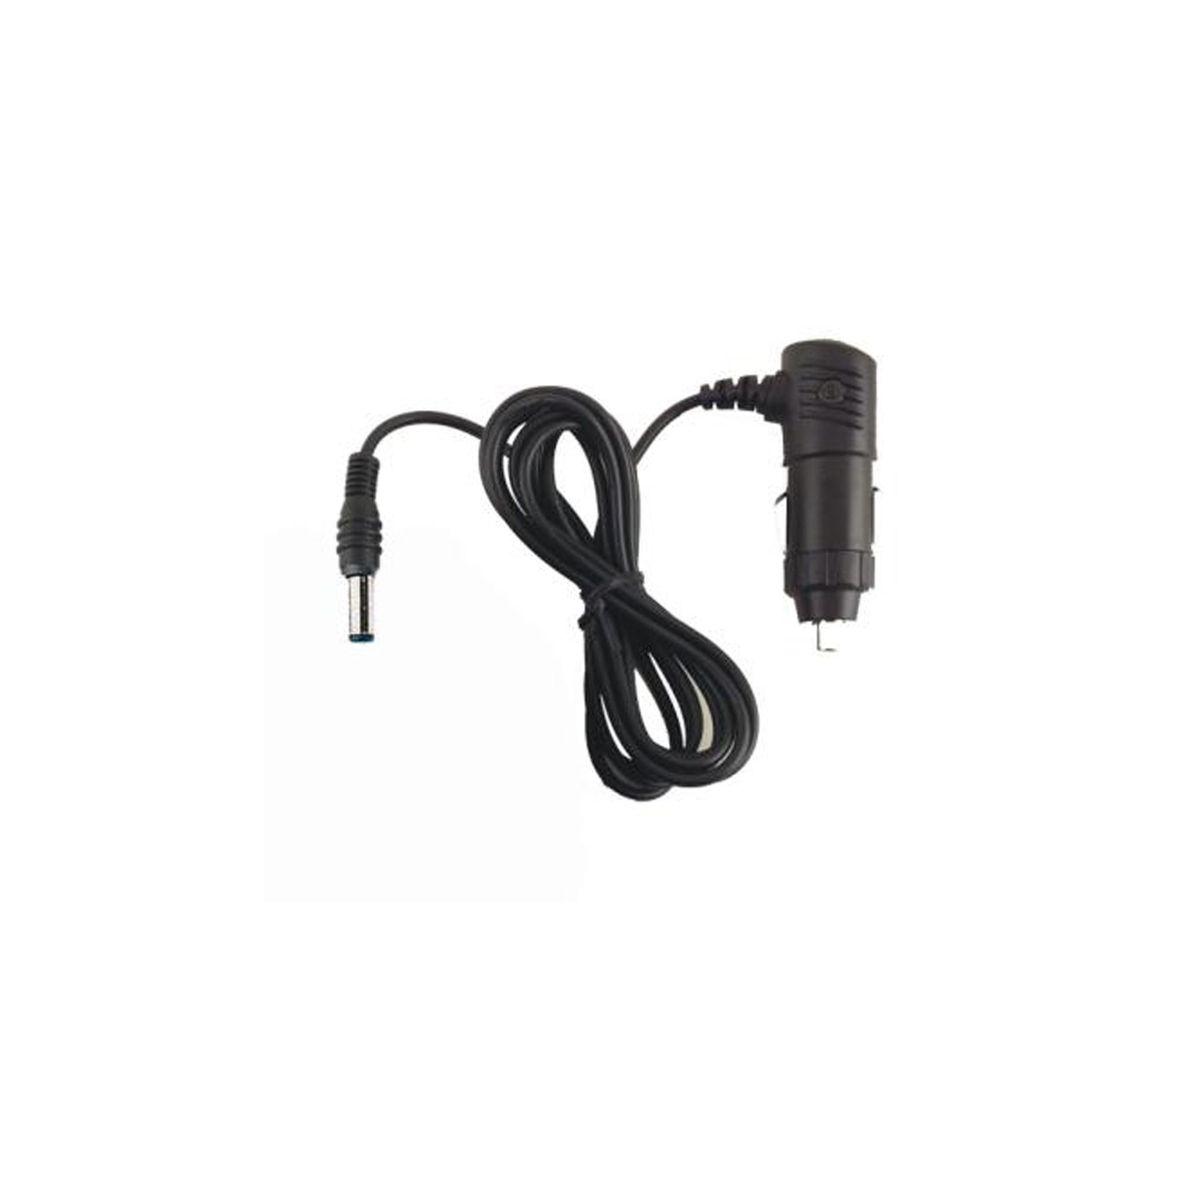 Brecom Ladekabel 12V. til bordlader VR500/600/P-400 UHF